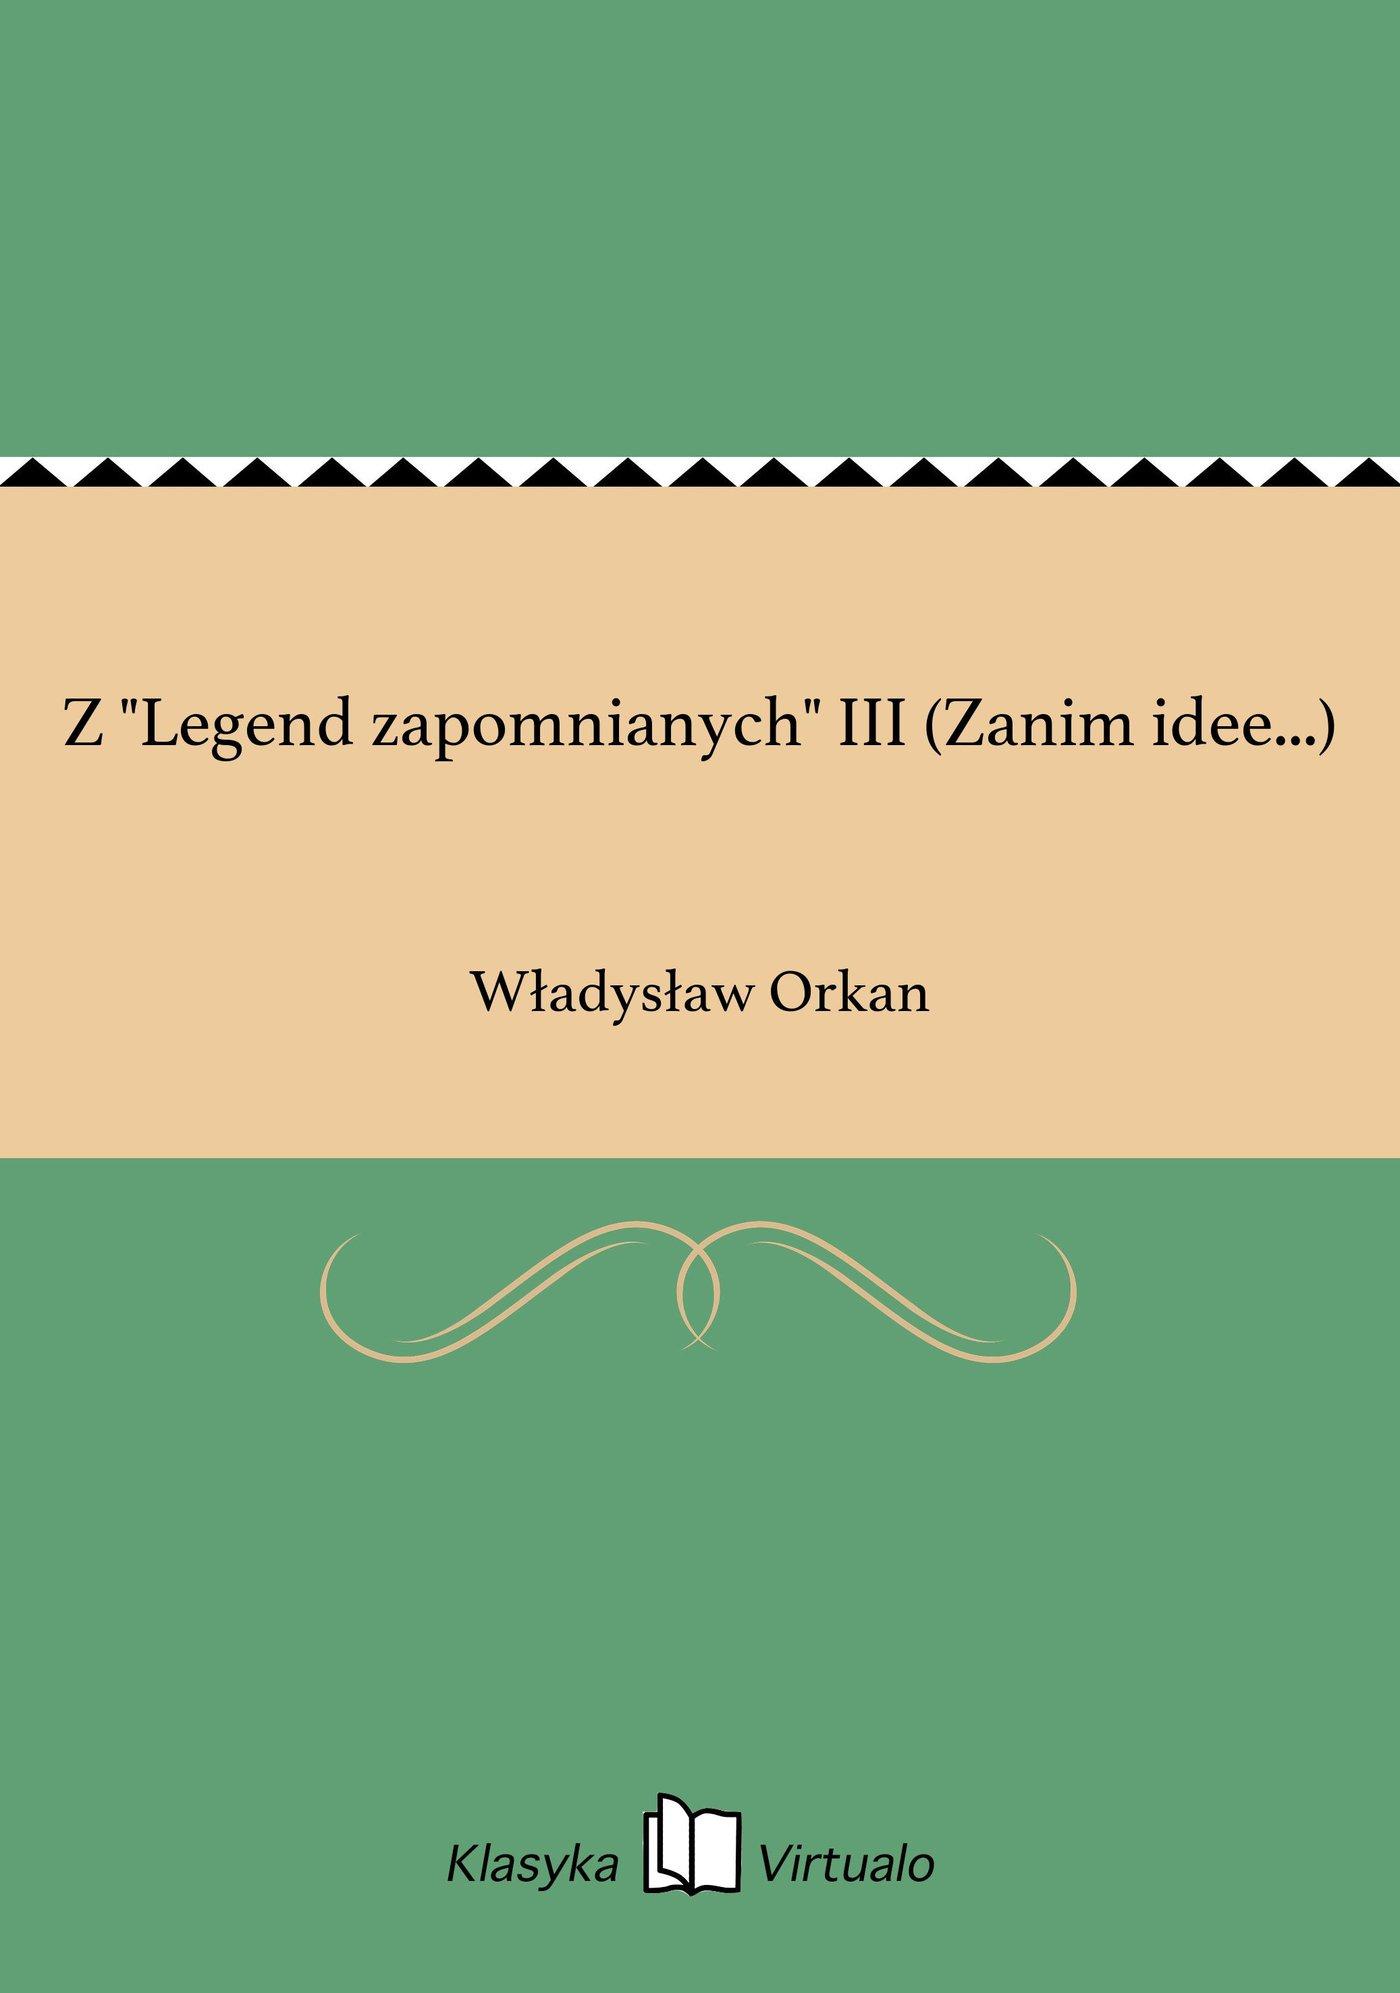 """Z """"Legend zapomnianych"""" III (Zanim idee...) - Ebook (Książka EPUB) do pobrania w formacie EPUB"""